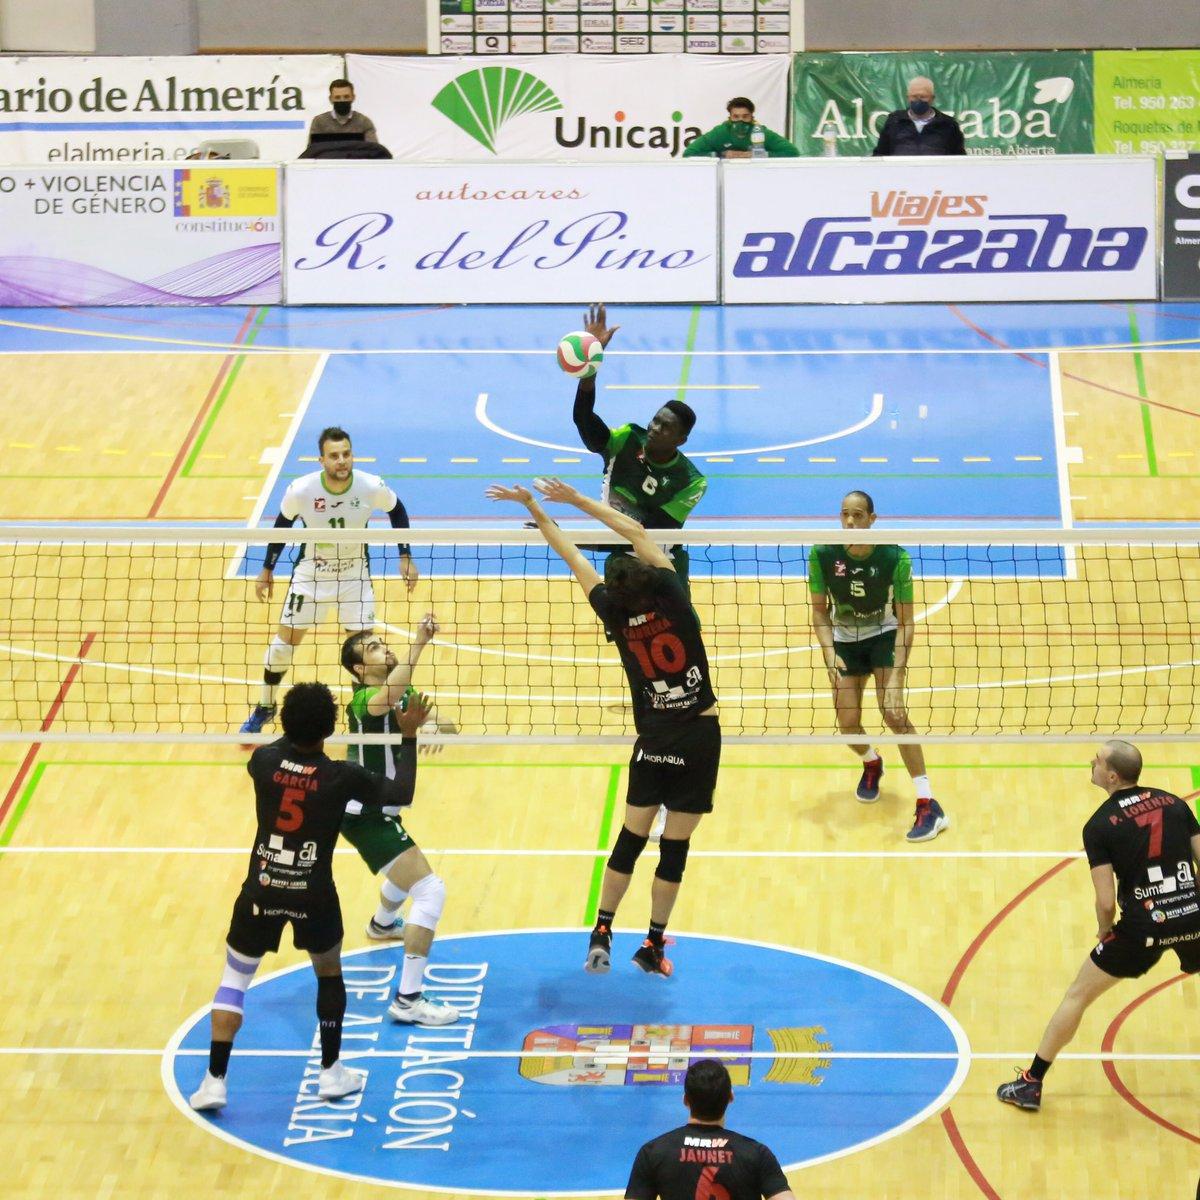 📰 CRÓNICA Unicaja Costa de Almería 'saca' a Almoradí del partido   ➡️   💚 #VamosVerdes! 🏐 #SomosVoleibol 🤝 #SomosEquipo  #Unicaja #Almeria #Almería #Voleibol #Volleyball #Volley #Voley #Volei #Andalucia #TeamJoma #picoftheday #TBT #Almoradi #Alicante